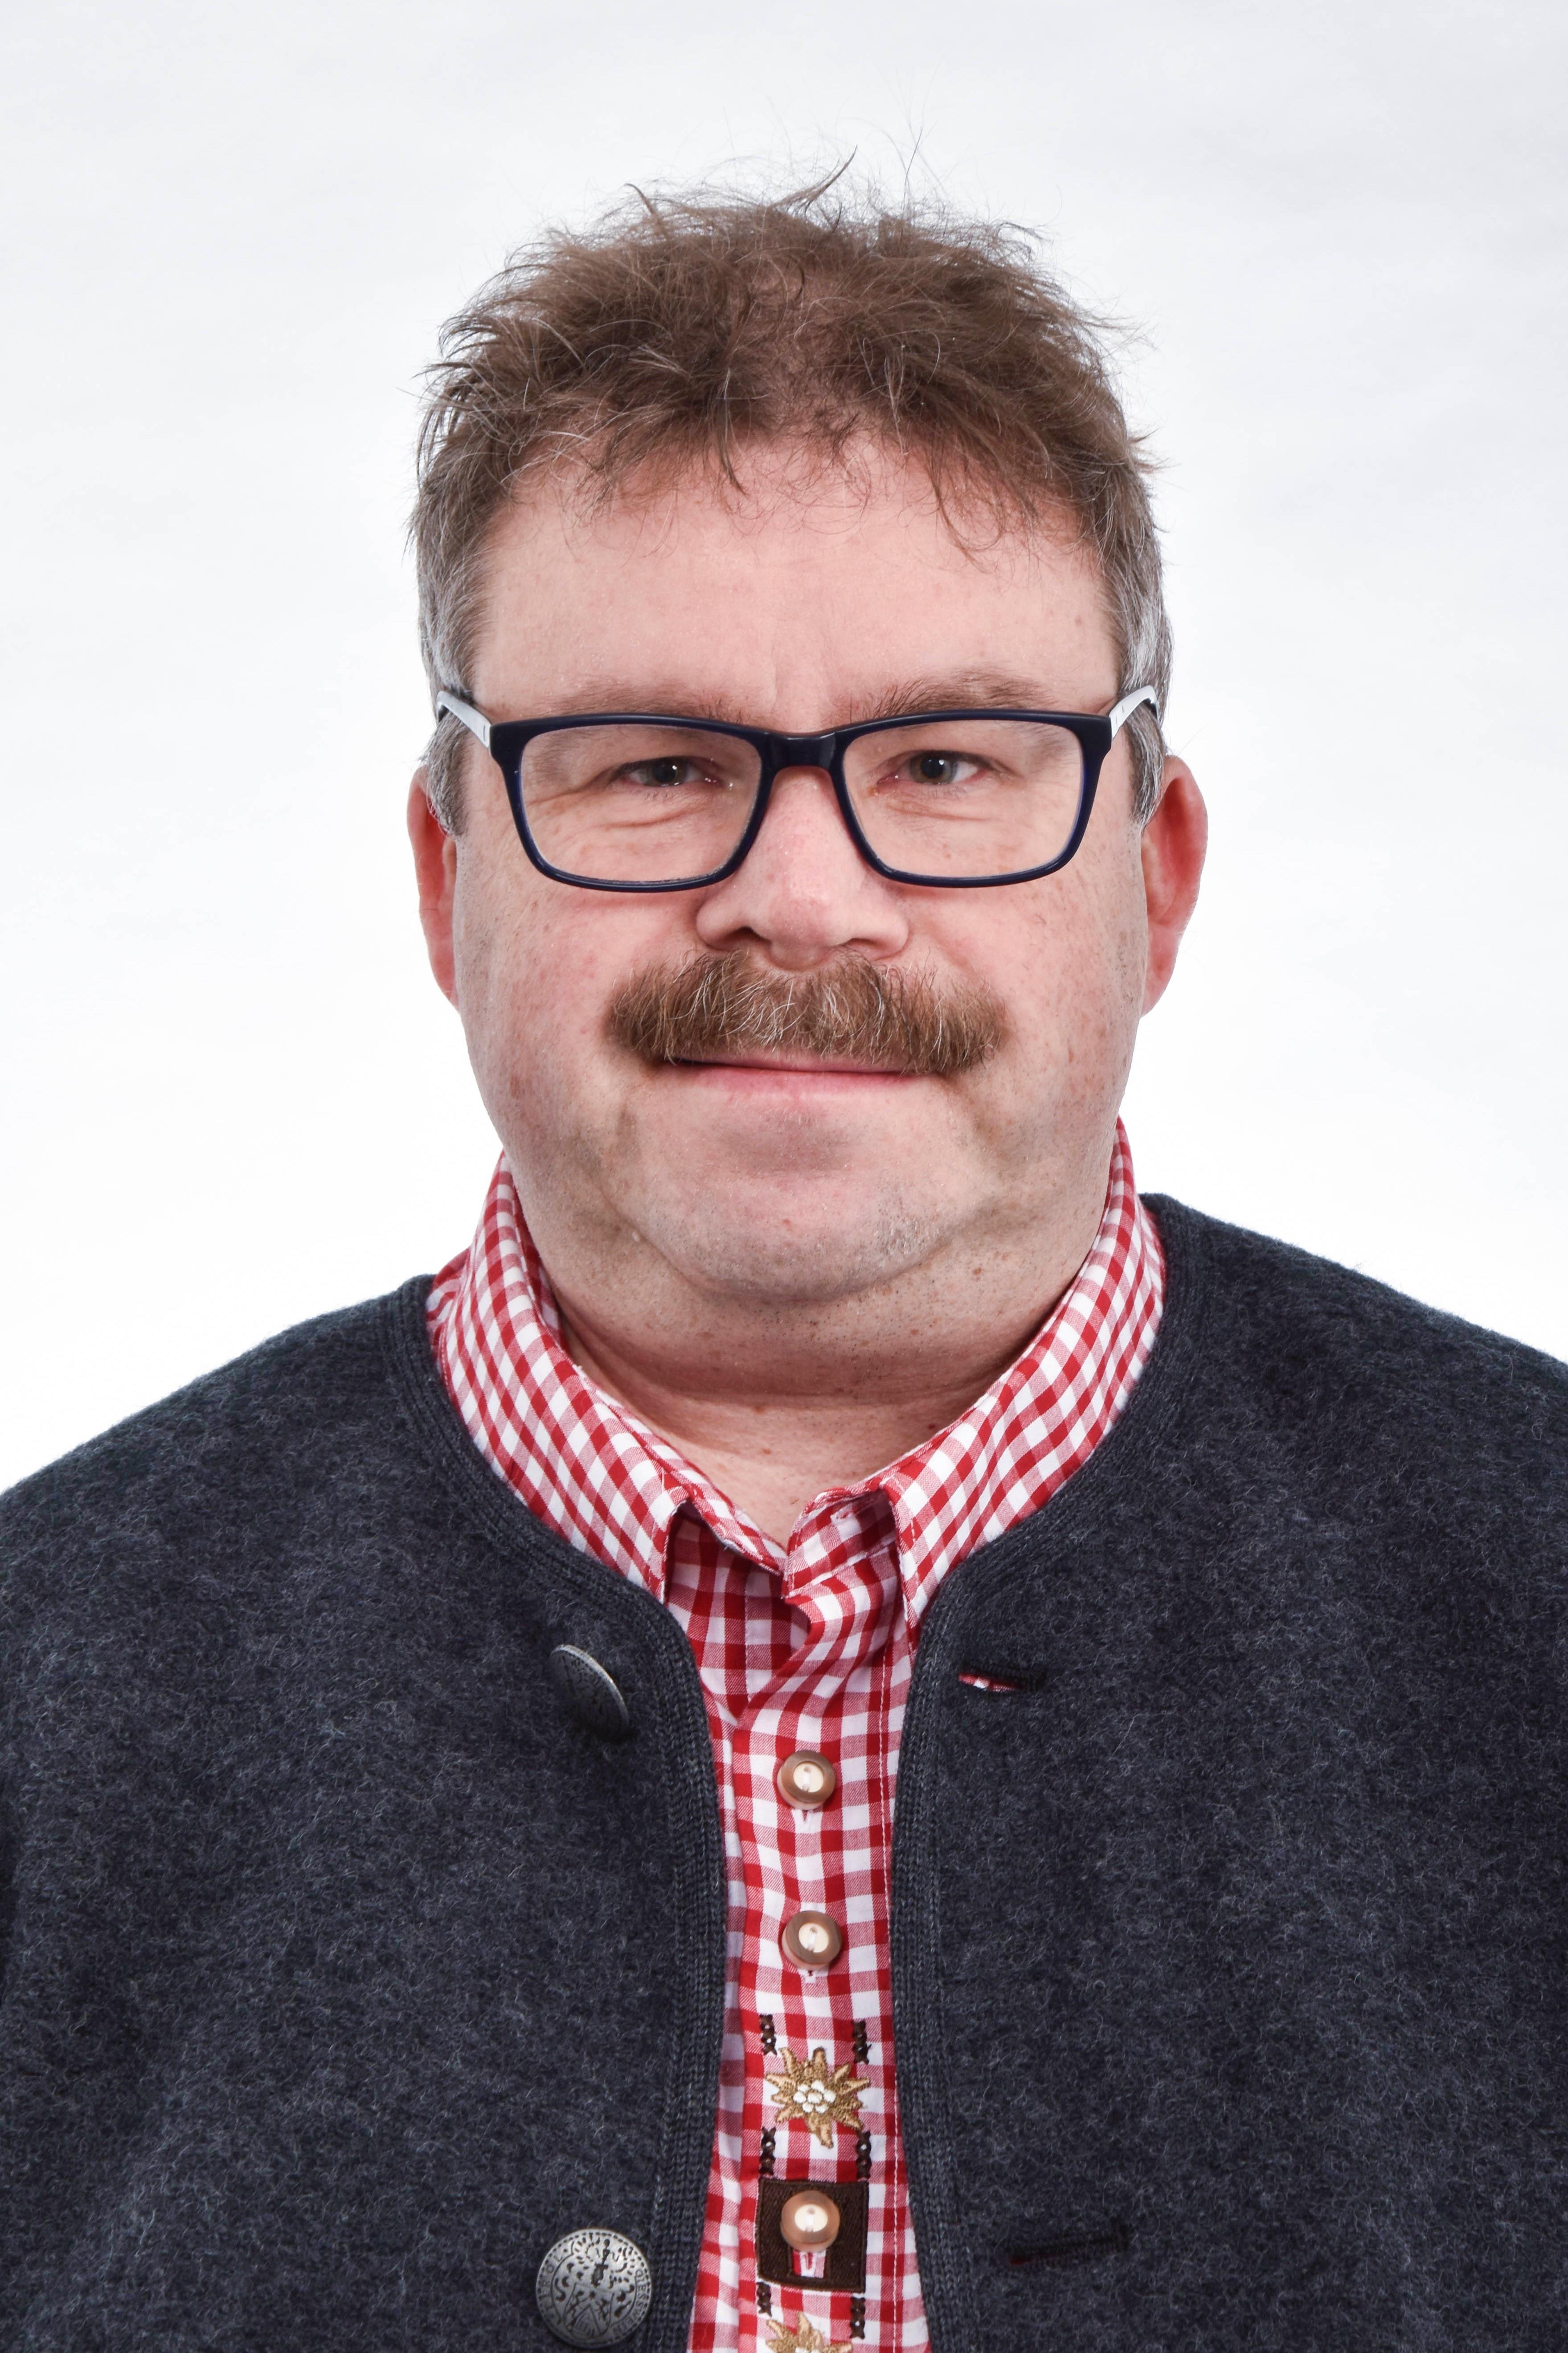 Mirko Pötzsch